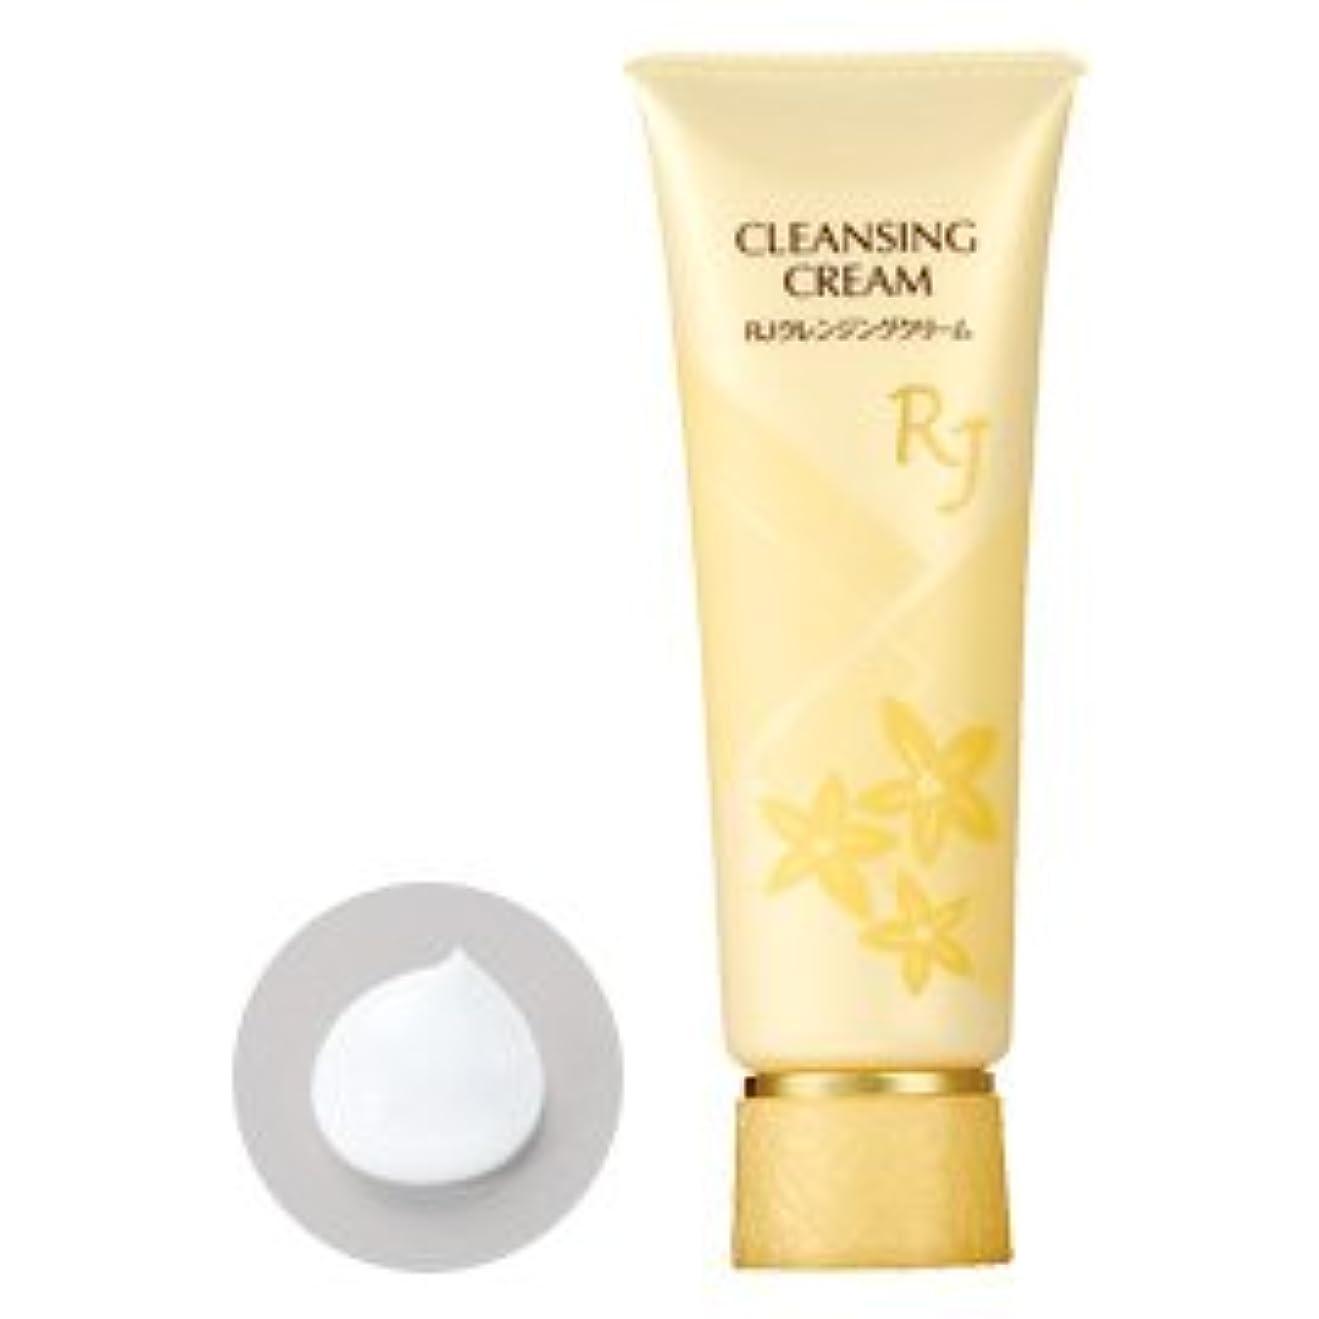 クスコほぼ先例RJクレンジングクリームメイク落とし?洗い流し専用 110g/ RJ Cleansing Cream <110g>